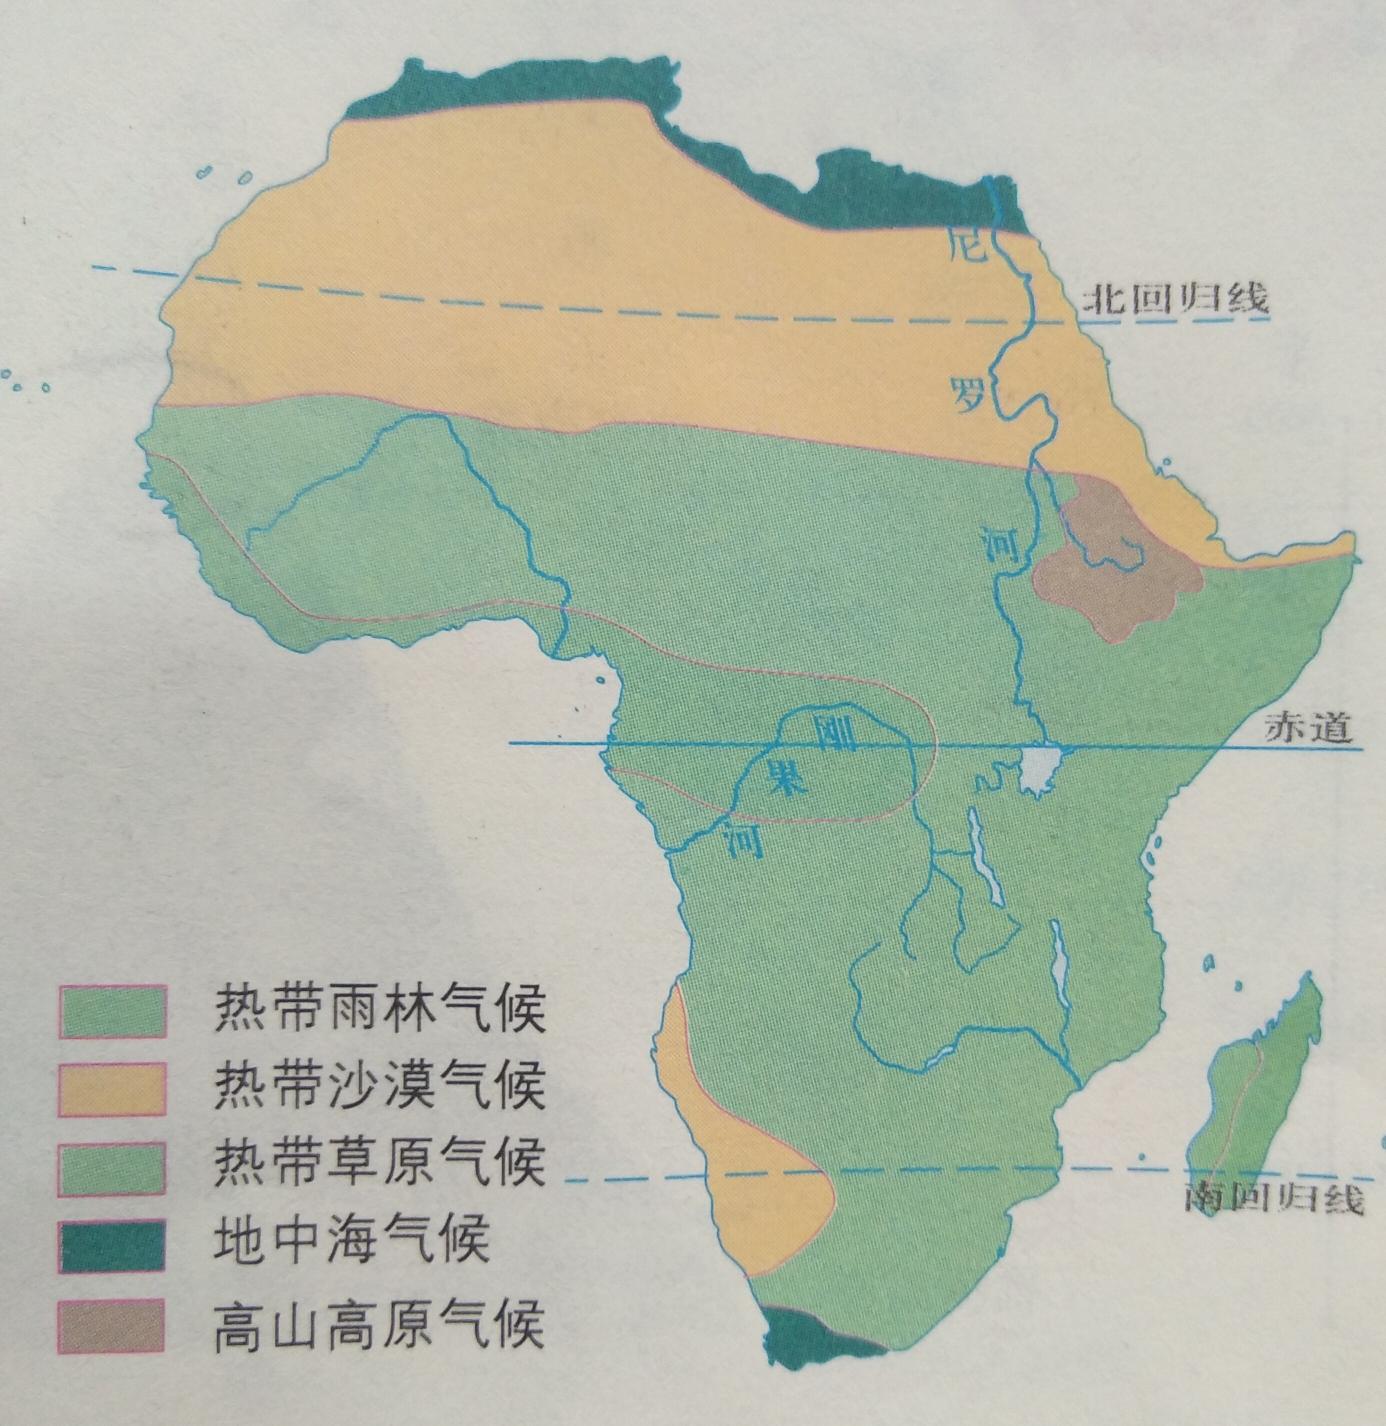 热带草原气候主要分布在热带雨林气候的南北两侧,以非洲的热带草原